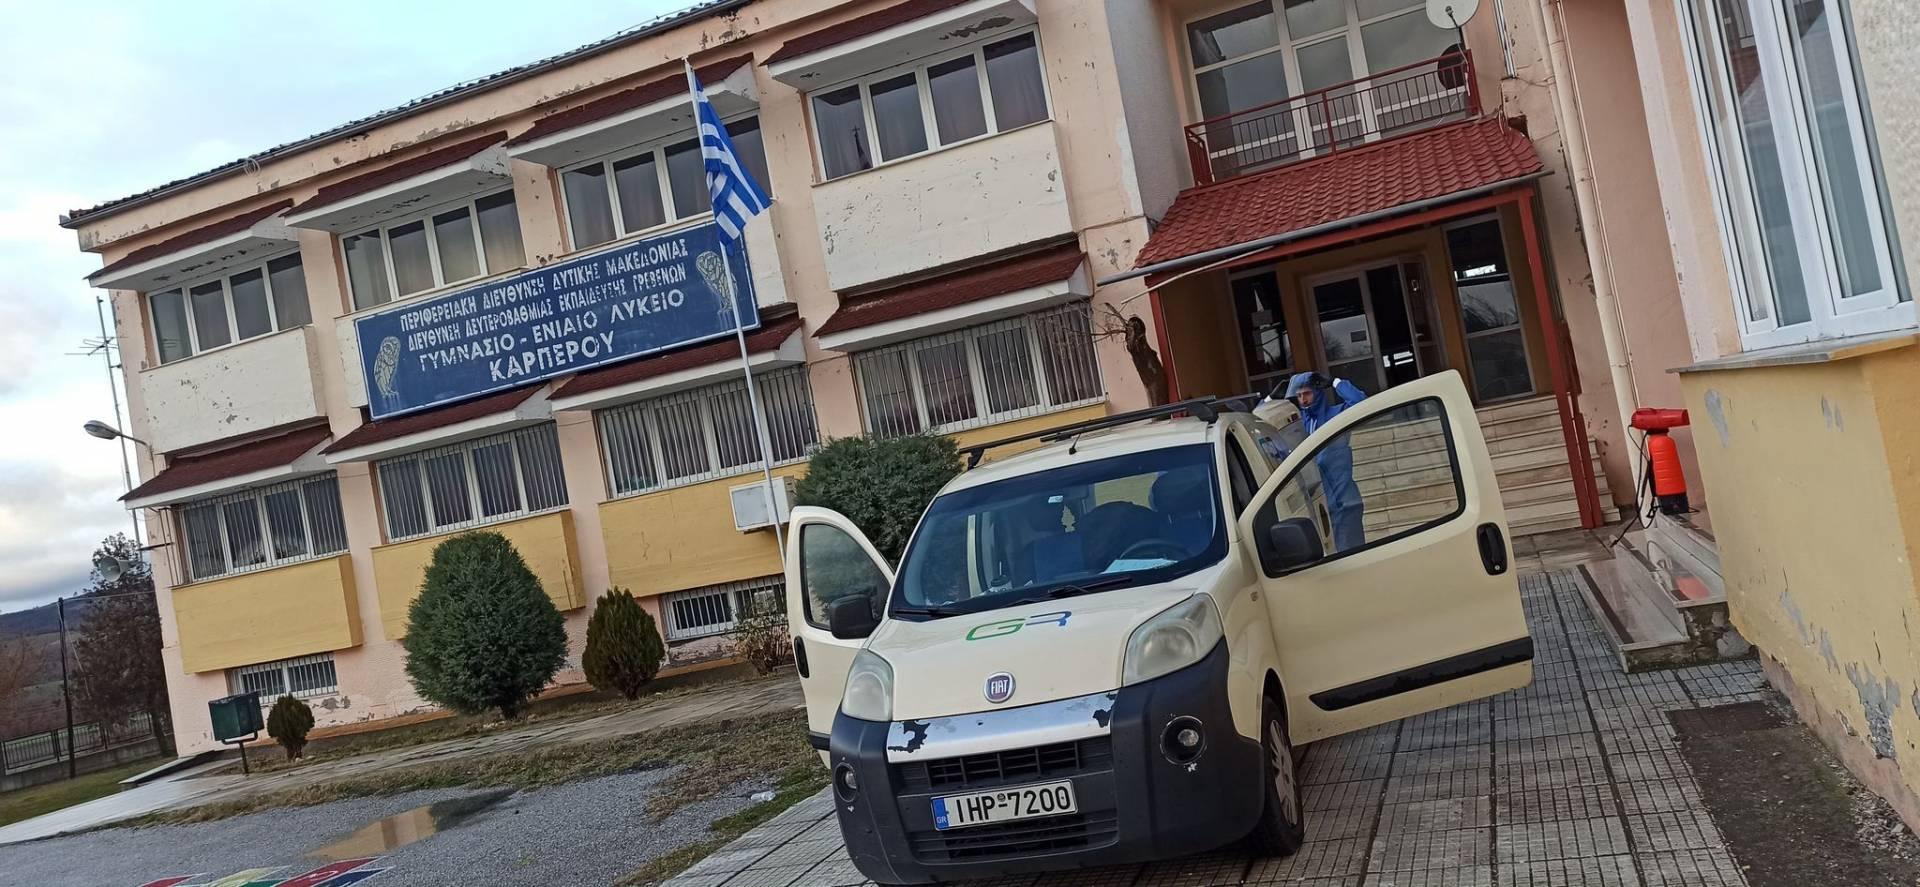 Απολύμανση στα σχολικά κτήρια της Πρωτοβάθμιας-Δευτεροβάθμιας Εκπαίδευσης στο Δήμο Δεσκάτης